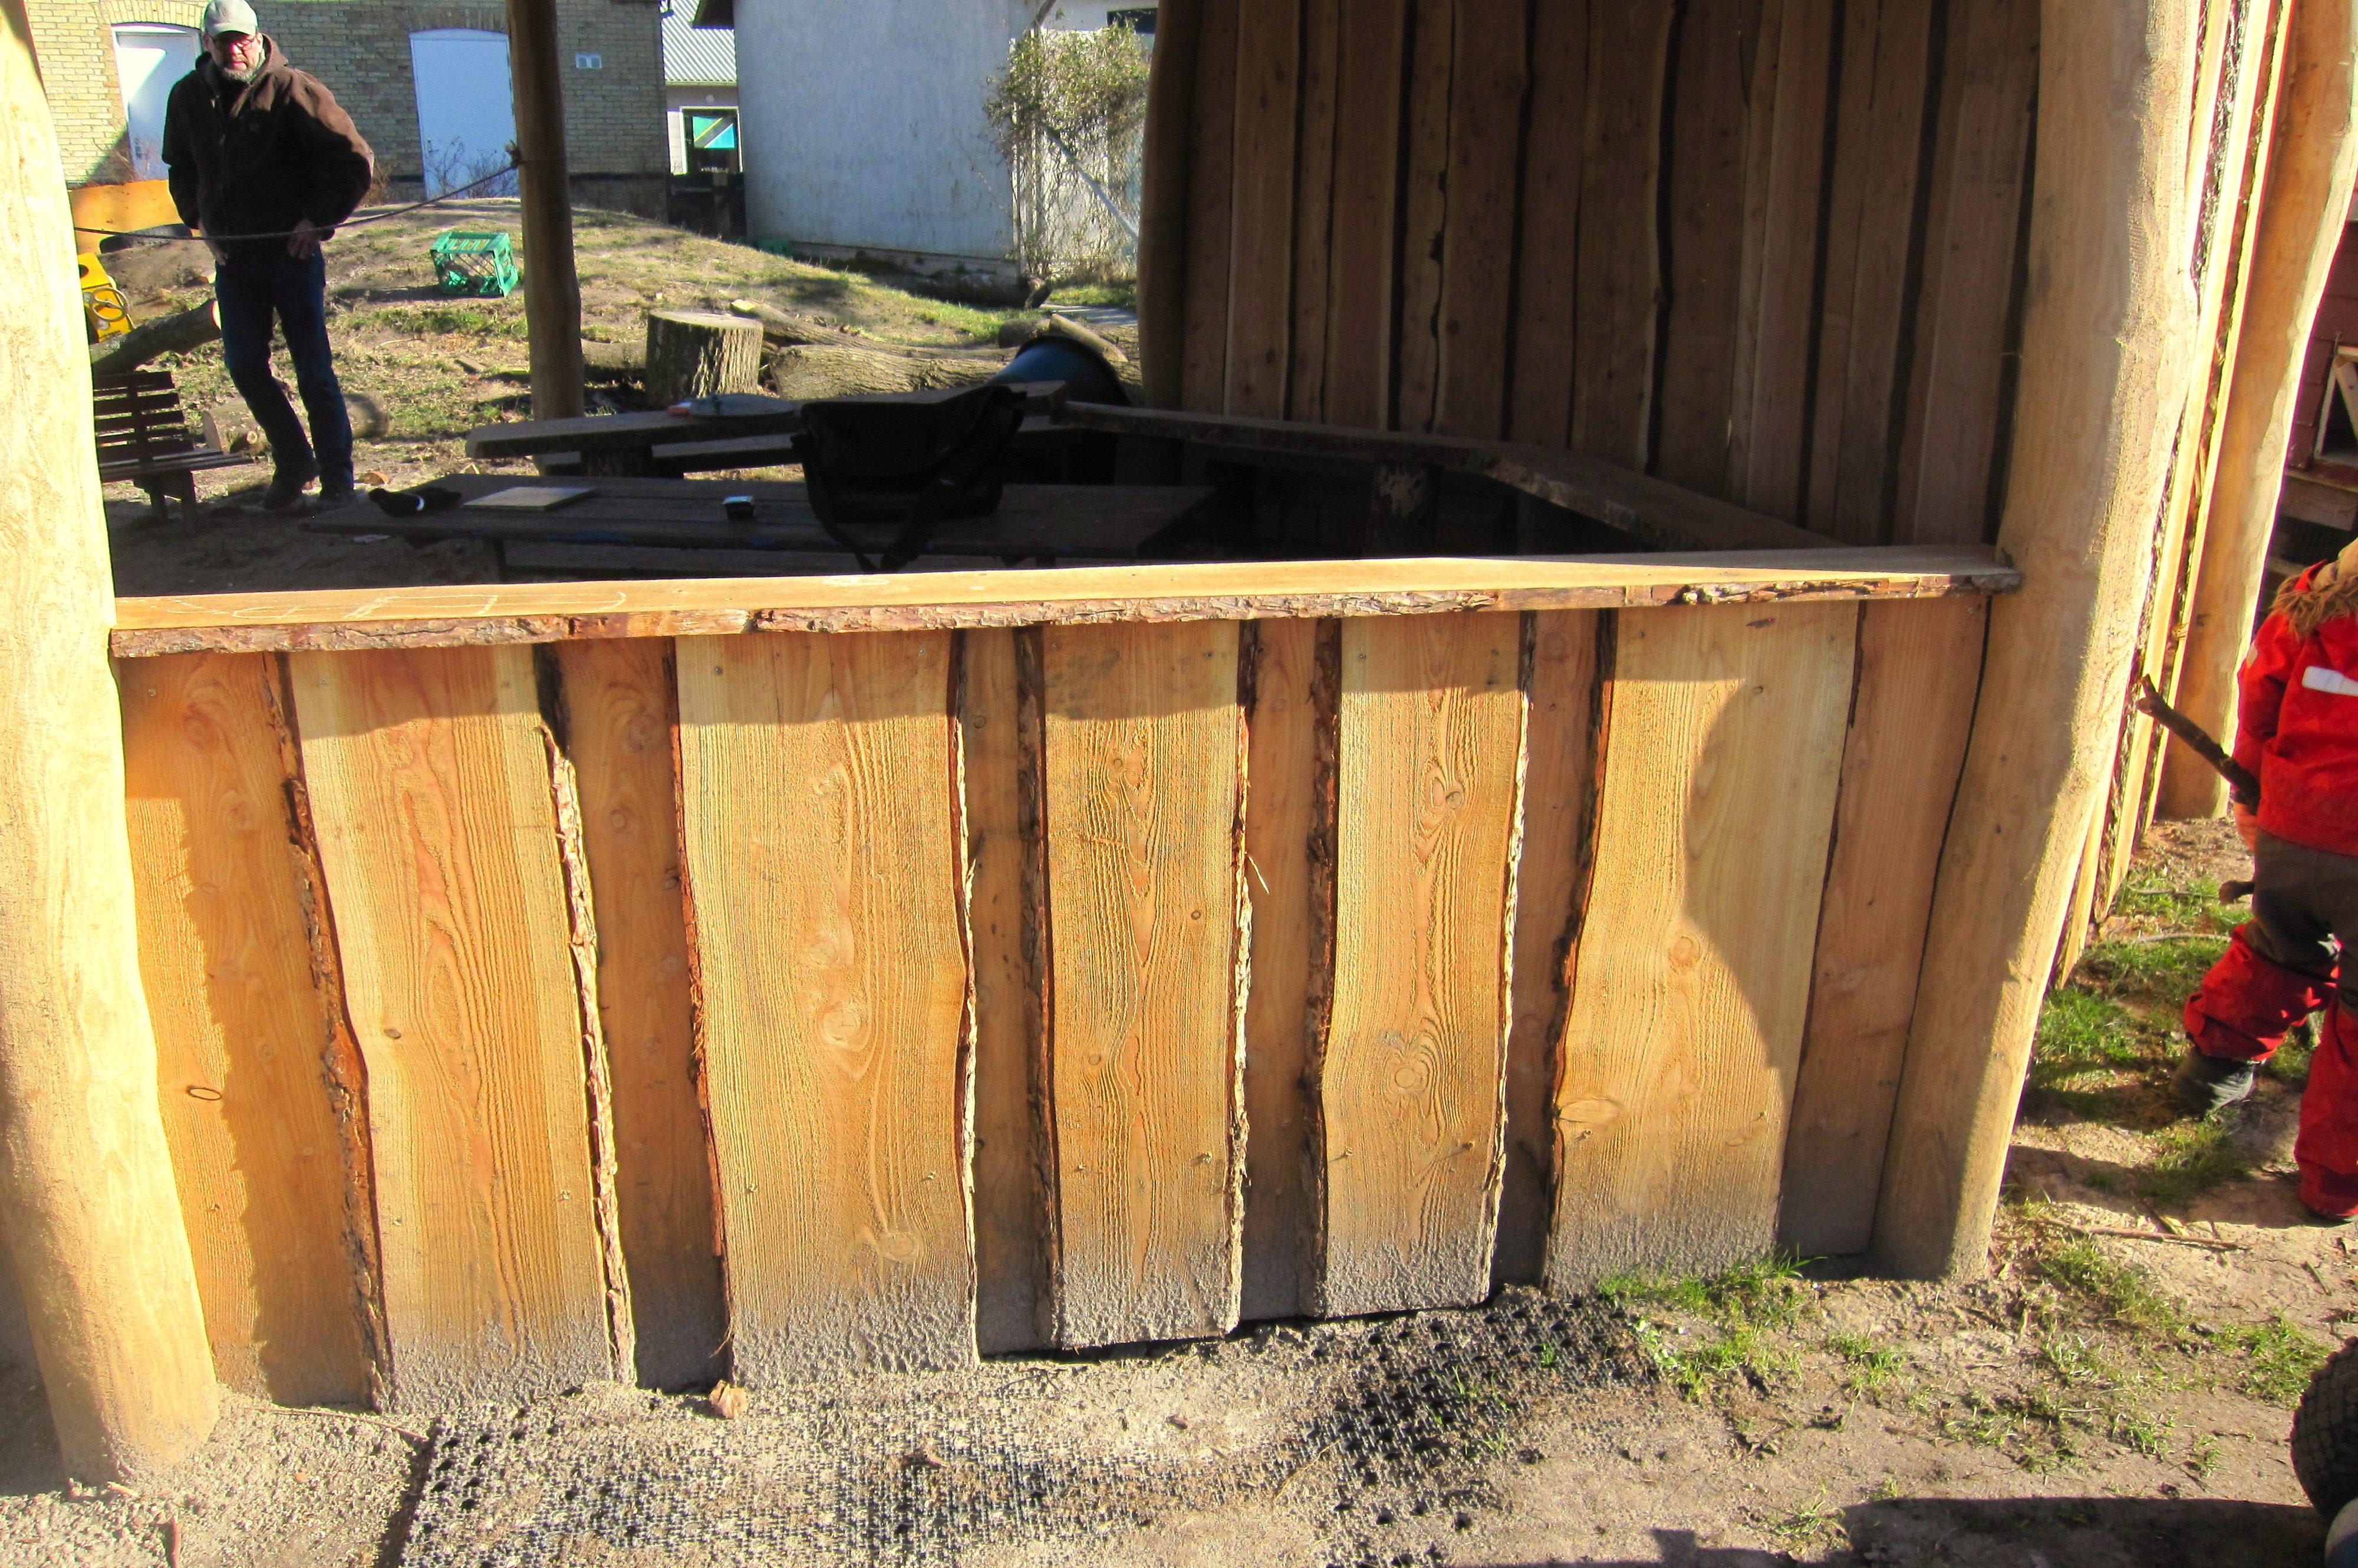 Bplhus halvæg. Halvvæggen er opbygget i kalmarbrædder, cirka 2,5 meter.